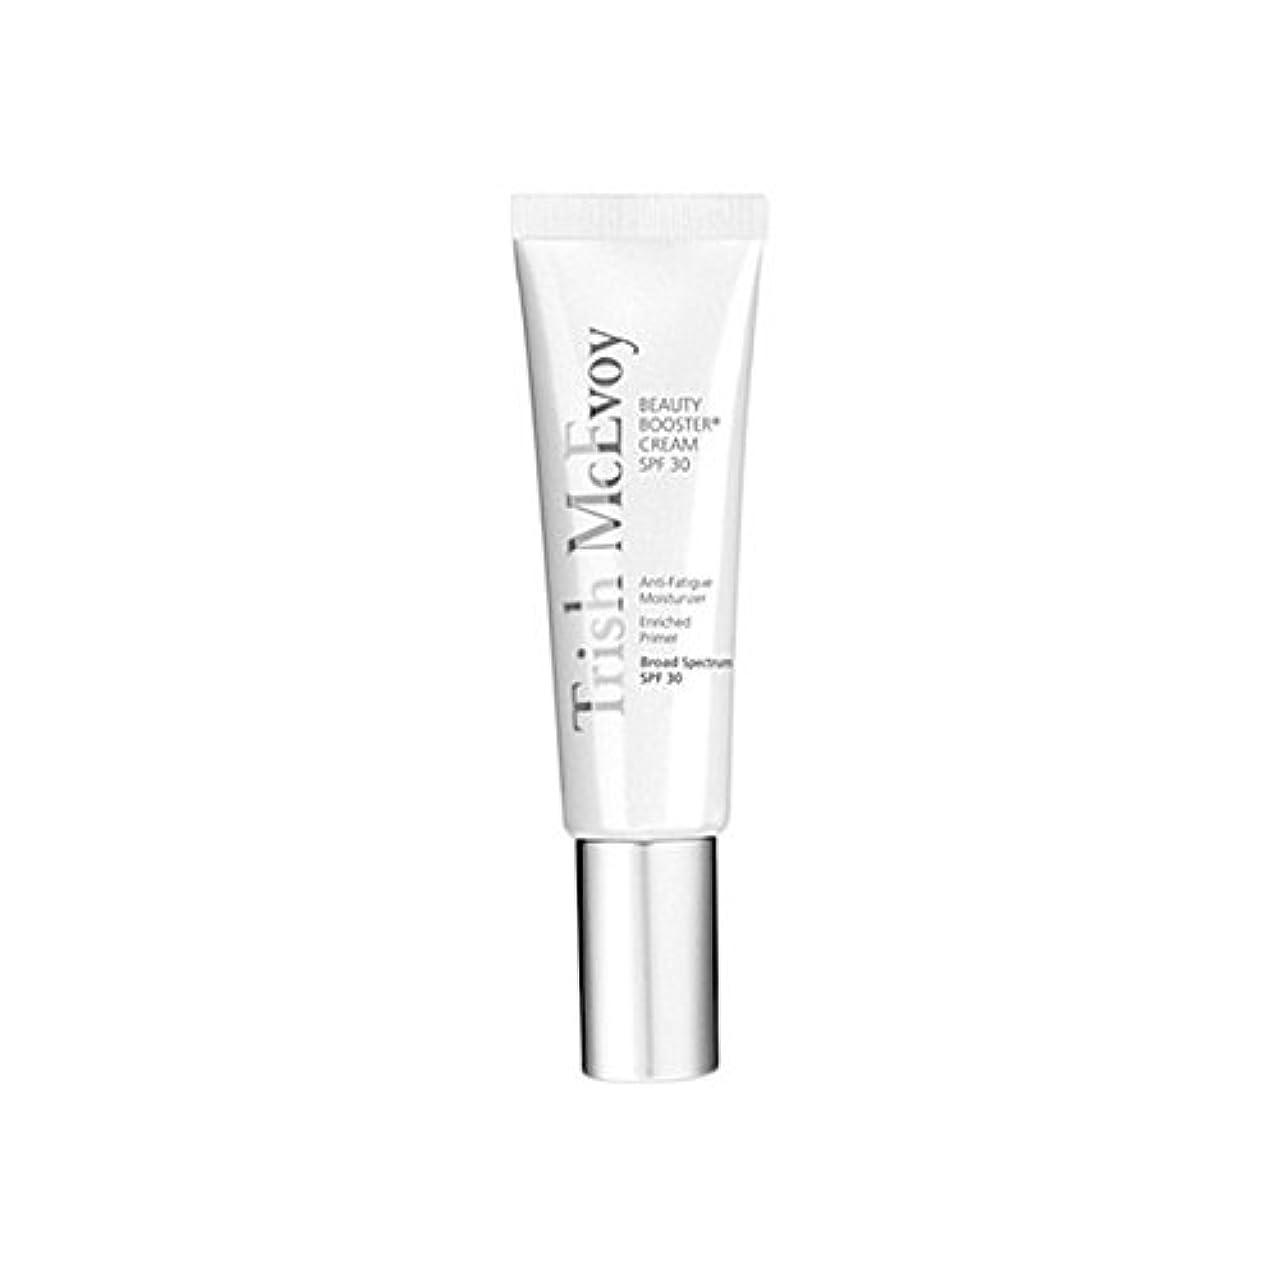 ラベル無実争うTrish Mcevoy Beauty Booster Cream Spf 30 55ml (Pack of 6) - トリッシュ?マクエボイの美しブースタークリーム 30 55ミリリットル x6 [並行輸入品]